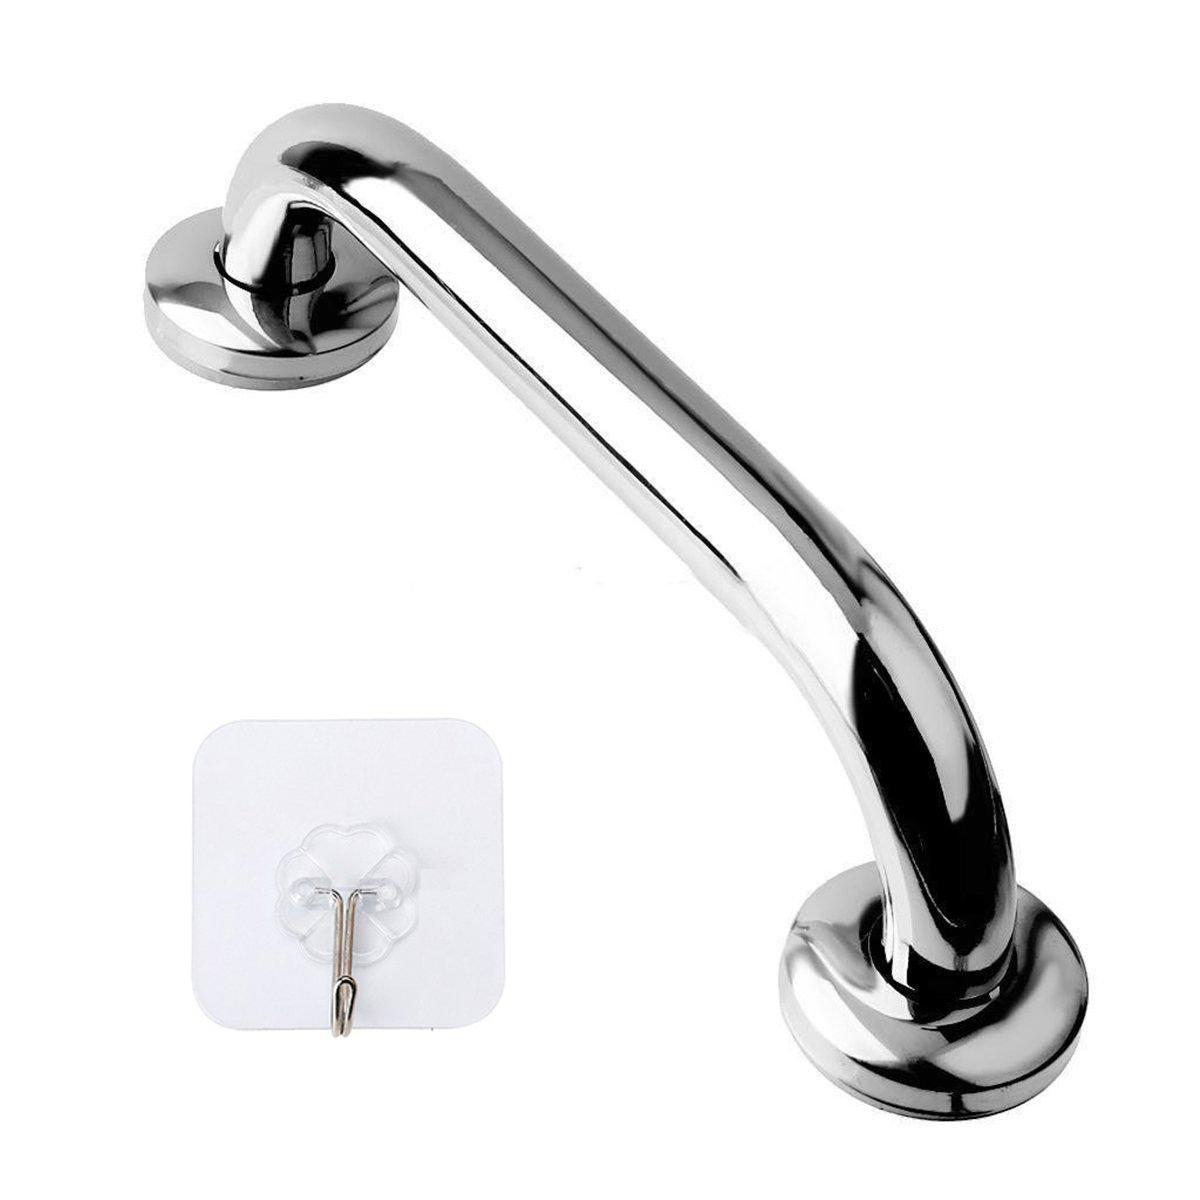 12 Inch Stainless Steel Shower Grab Bar - ZUEXT Shower Handle, Bathroom Balance Bar - Safety Hand Rail Support - Handicap, Elderly, Injury, Senior Assist Bath Handle (w/ Self-adhesive Stick-on Hook) 61UKnrFTHvL